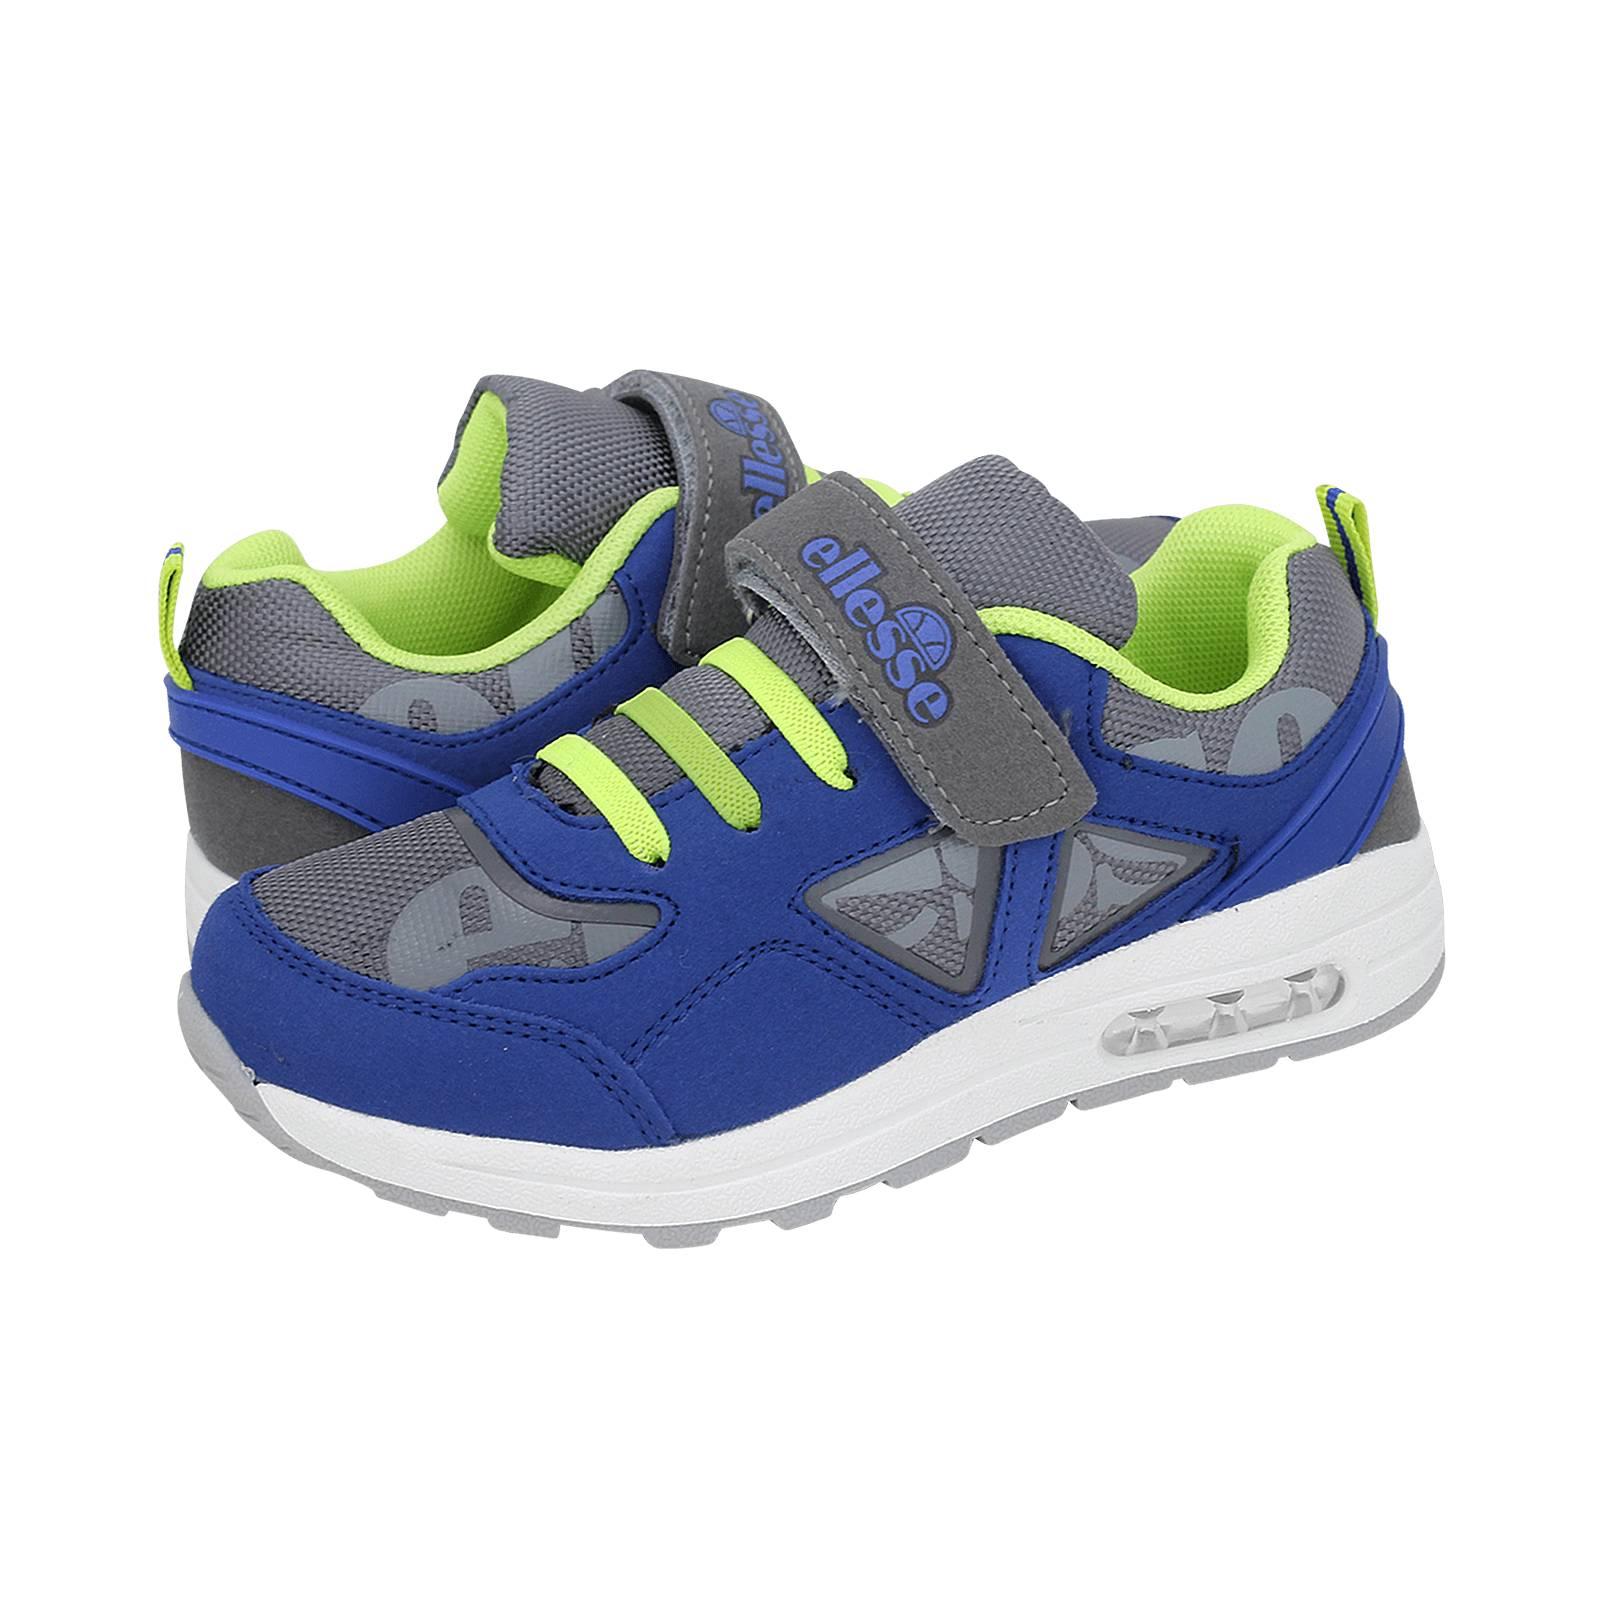 b741b2a37fc Αθλητικά Παιδικά Παπούτσια Ellesse HB-ELS03